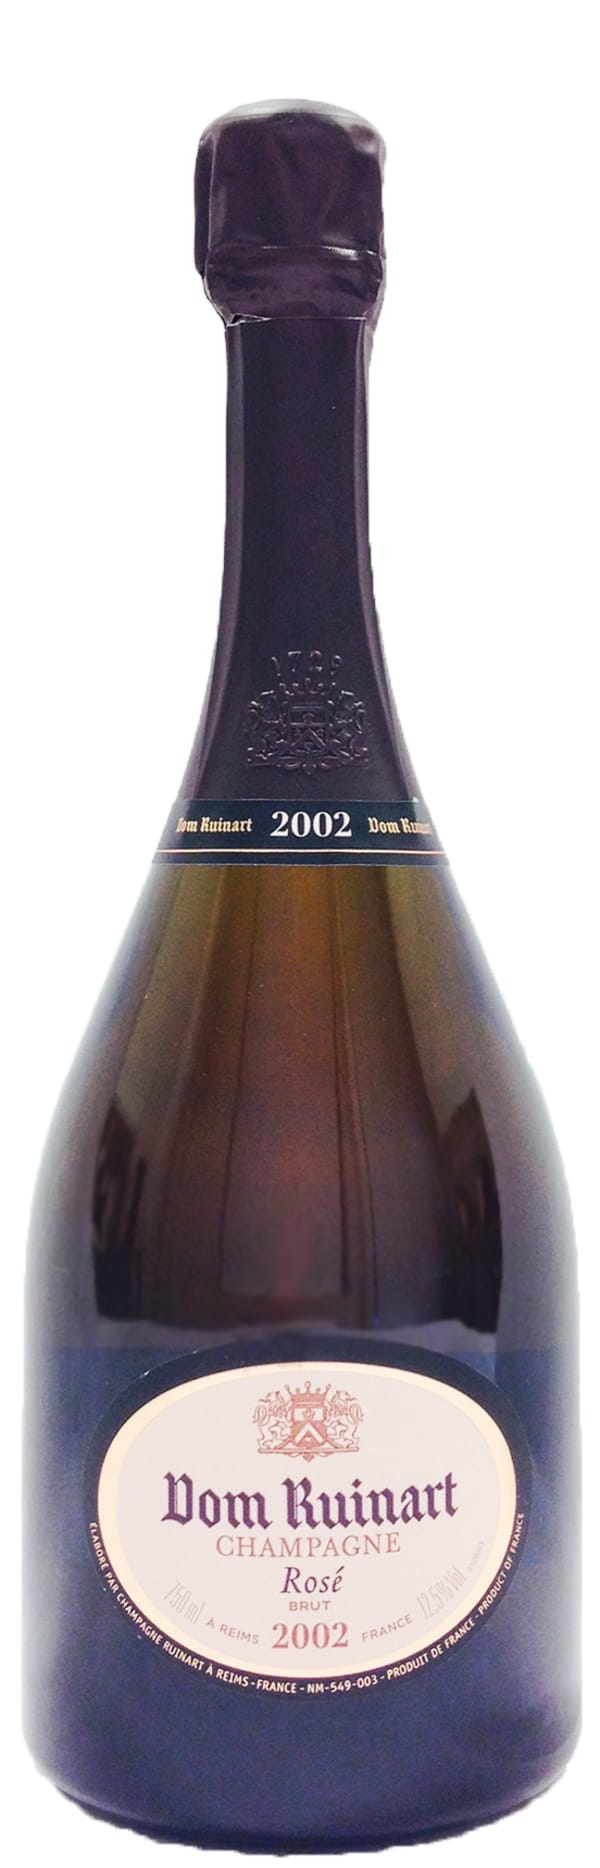 Dom Ruinart Rosé Champagne Brut 2002